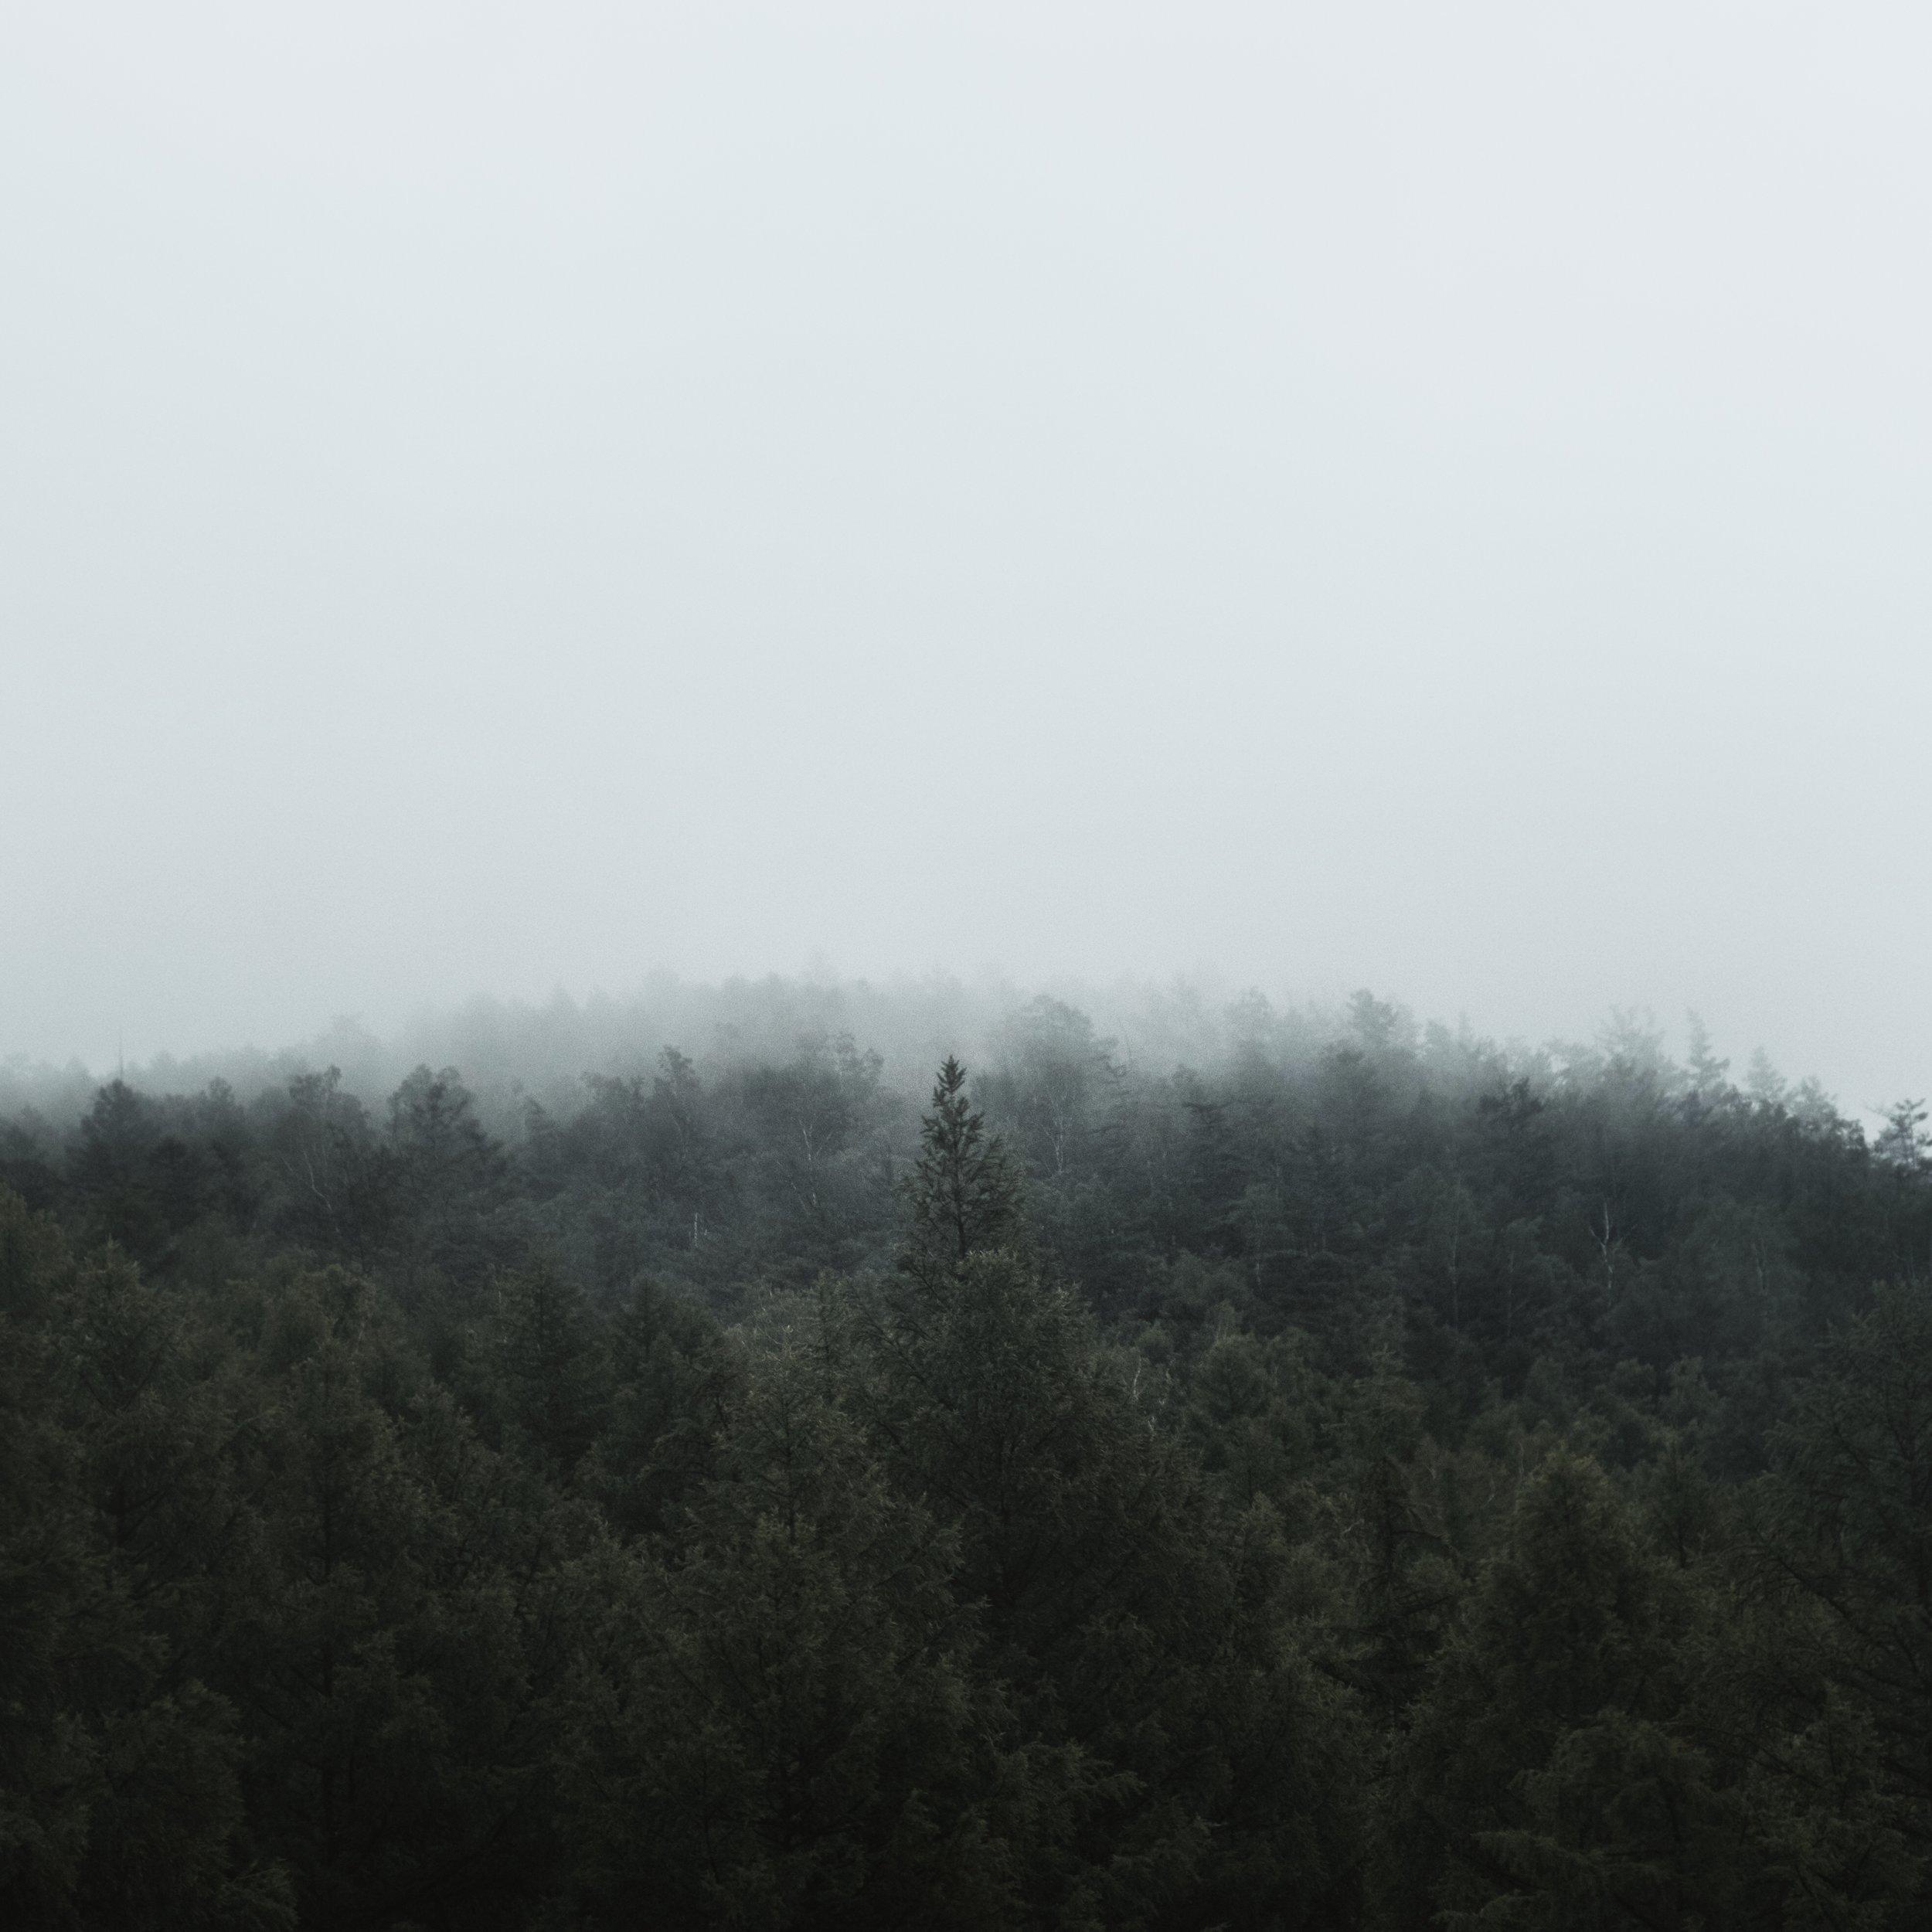 2018-06-18 170416.jpg